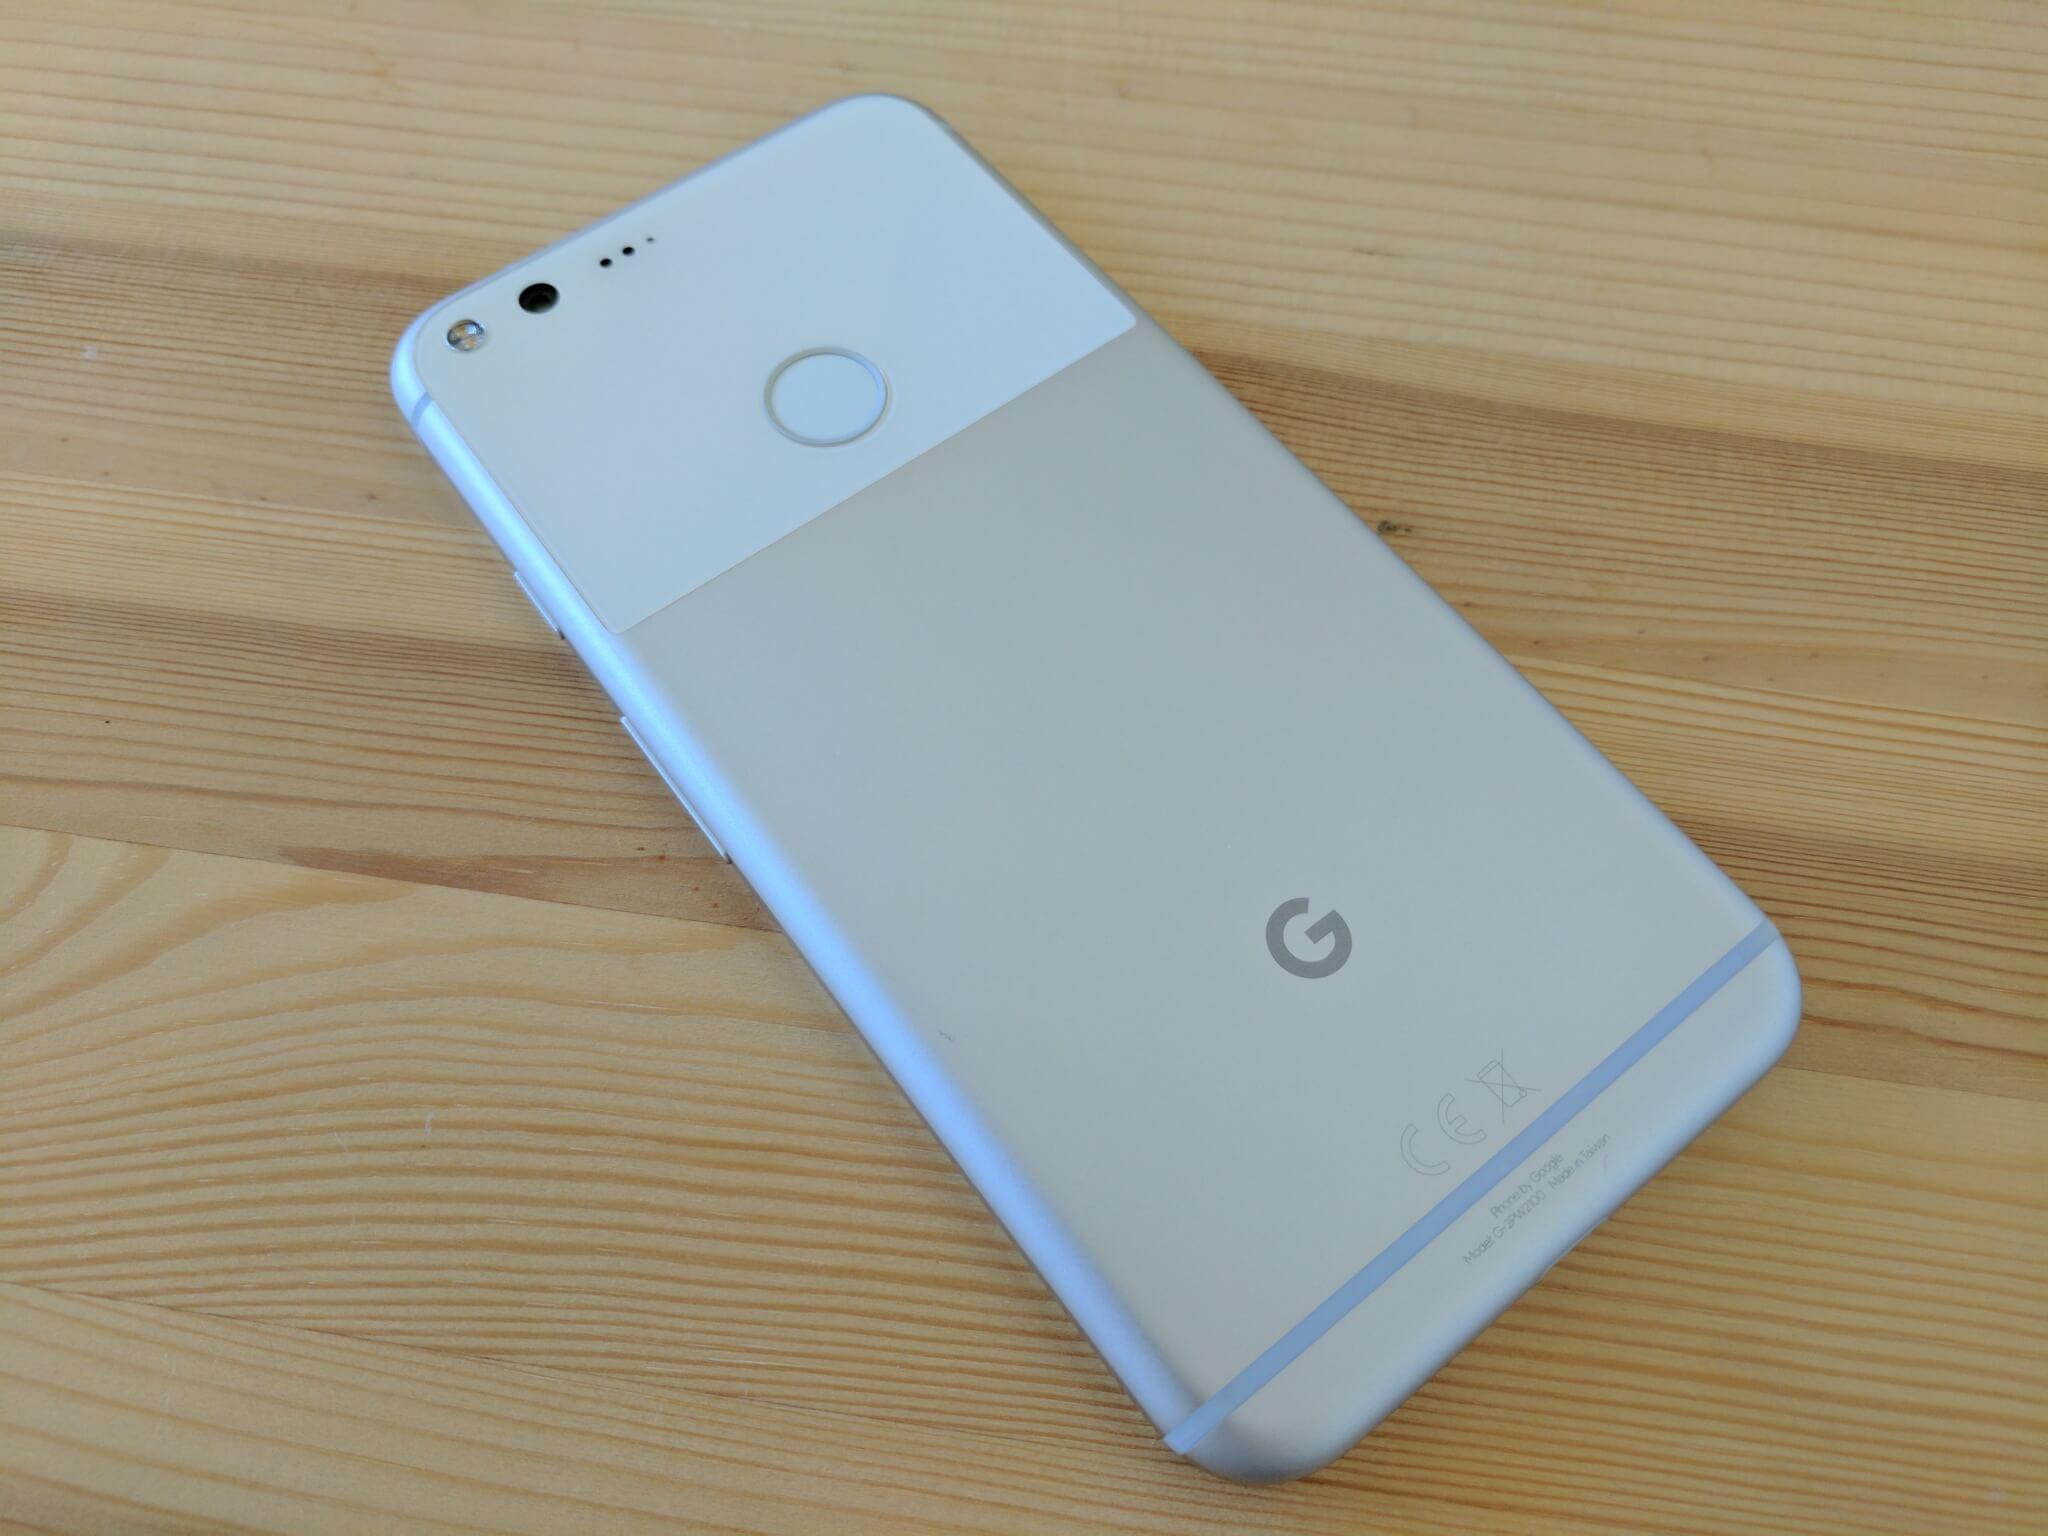 The Google Pixel XL.